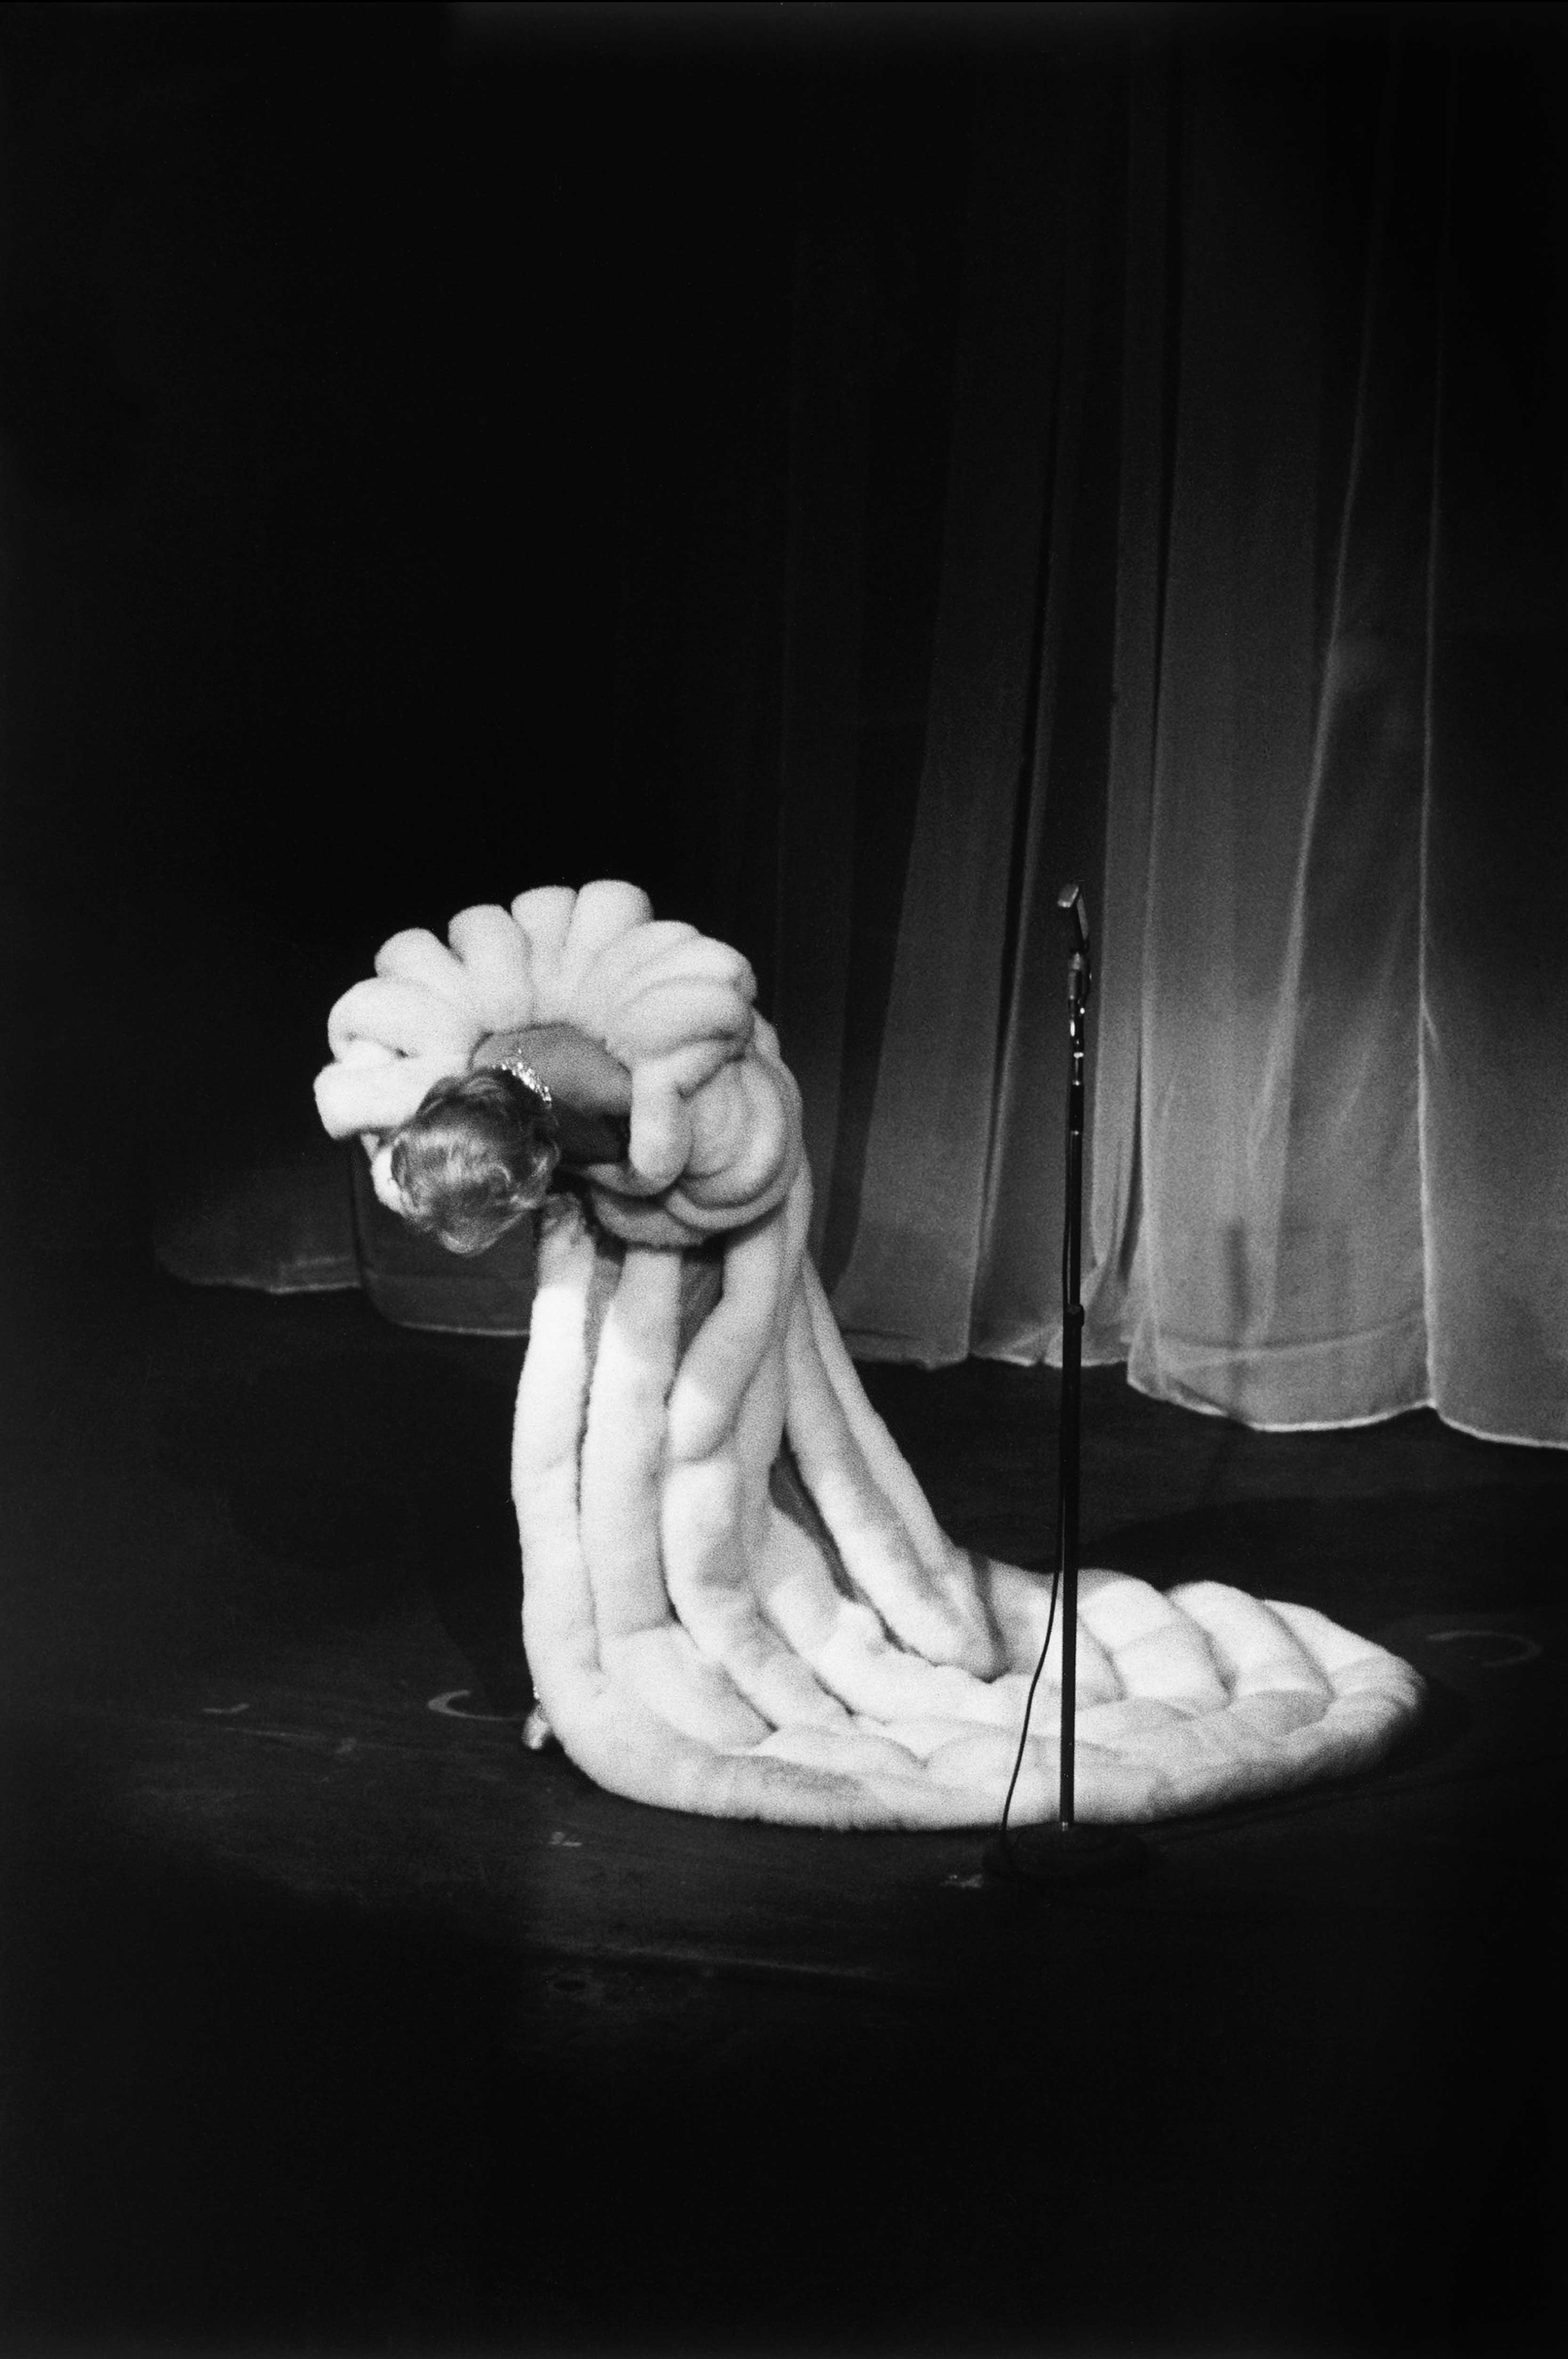 François Gragnon, Marlene Dietrich, Théâtre de l'Étoile, 1959 © François Gragnon / Paris Match / La Galerie de l'Instant